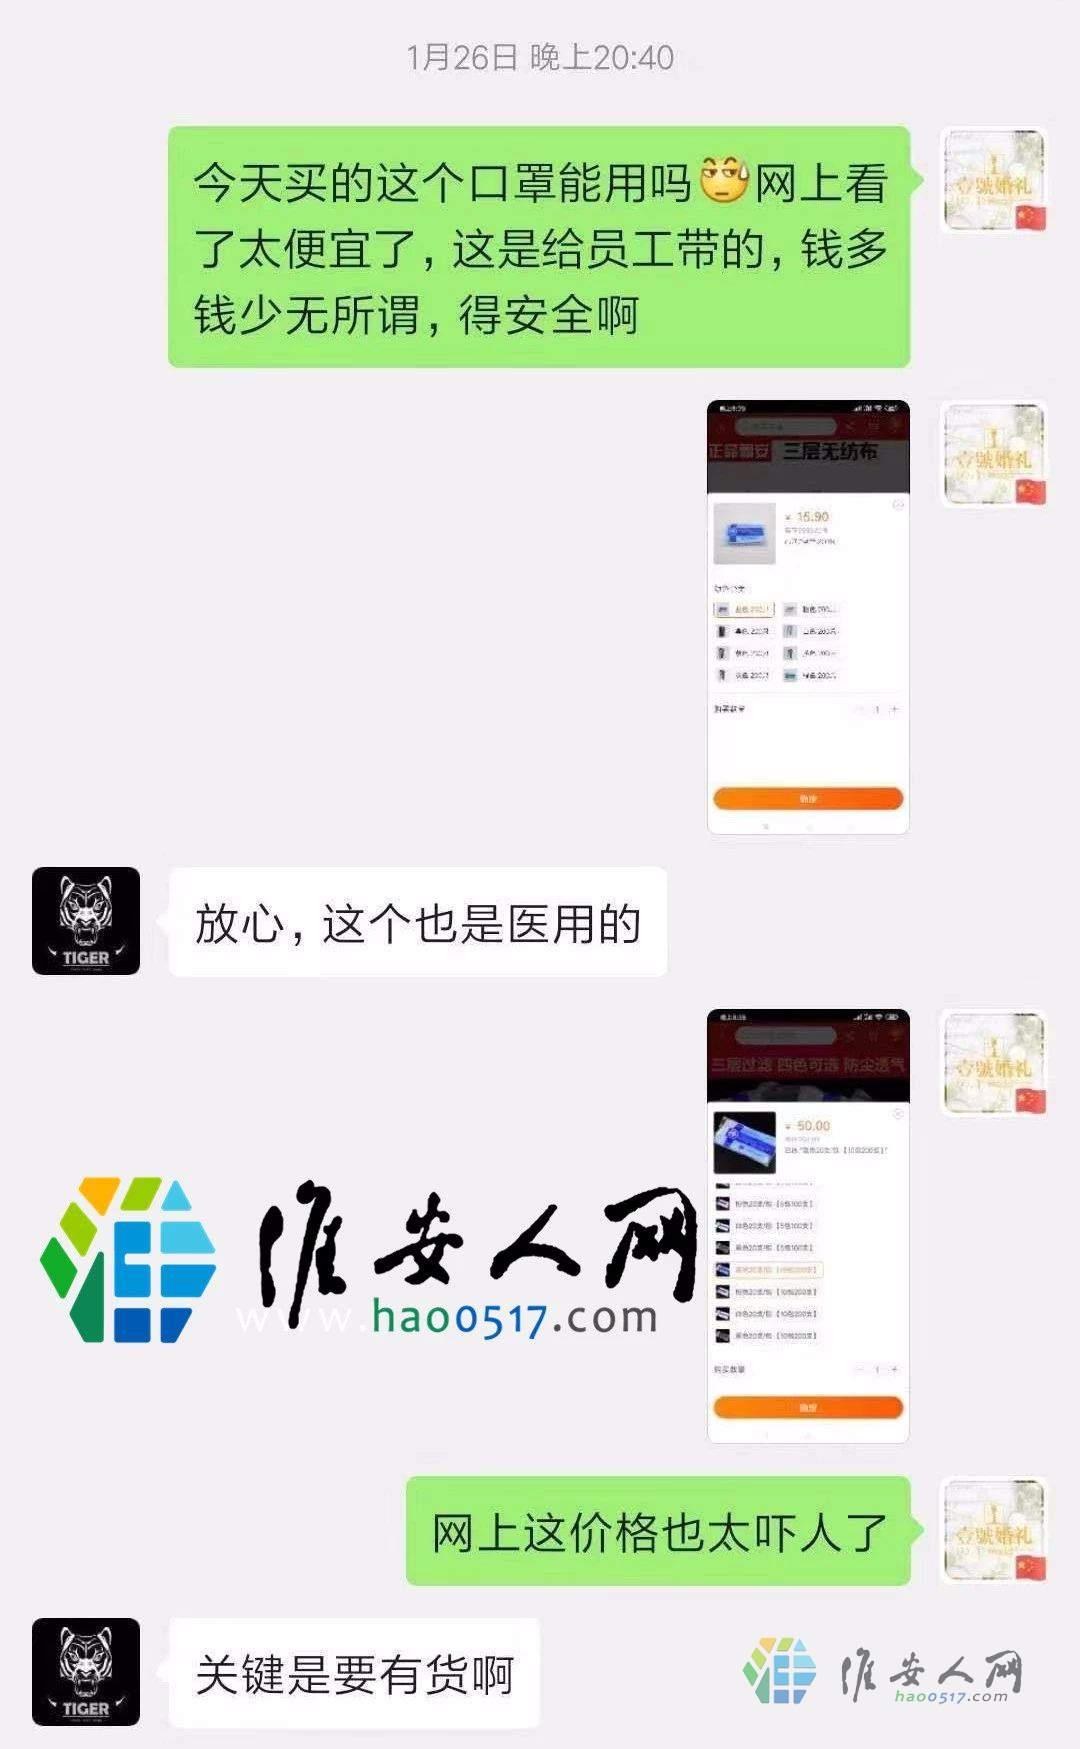 微信图片_20200204160025.jpg